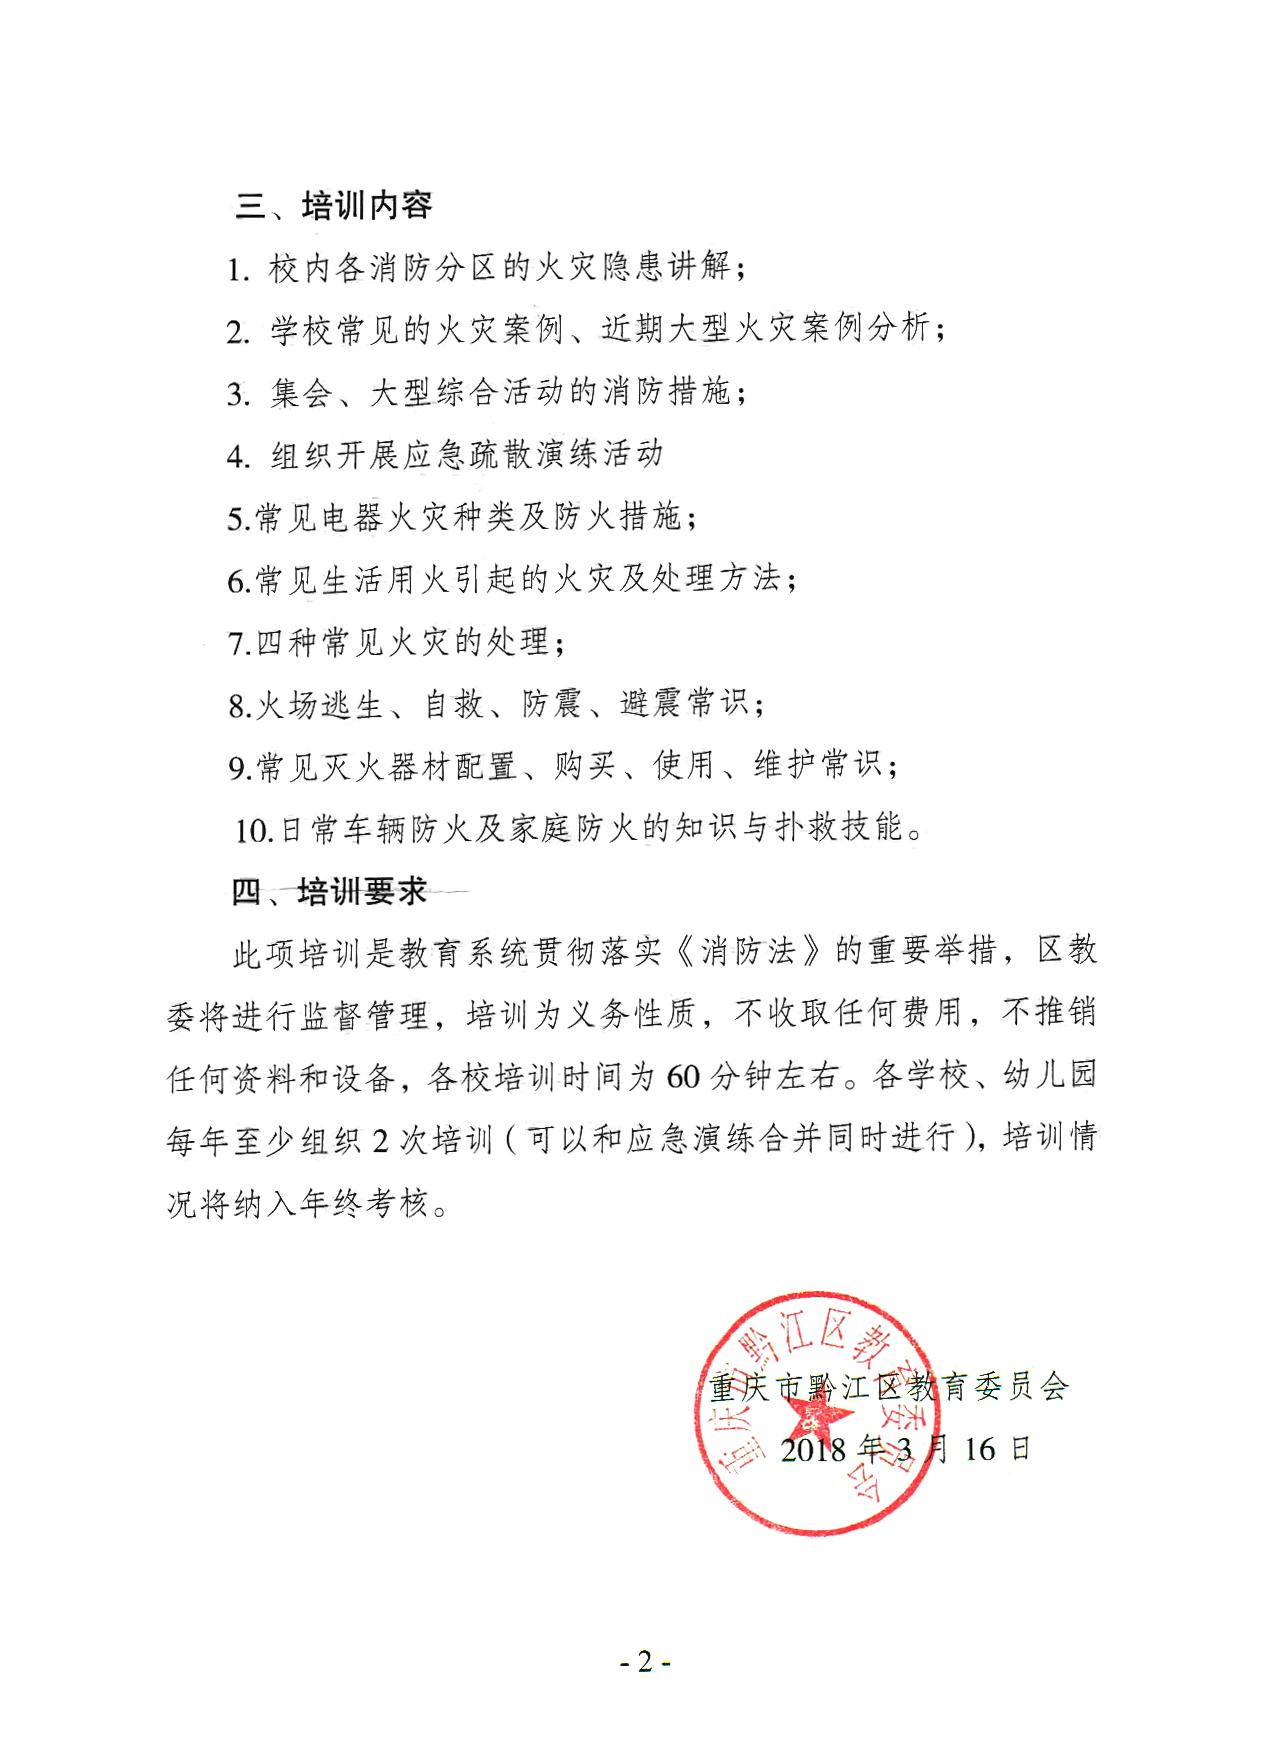 重庆黔江区教育委员会